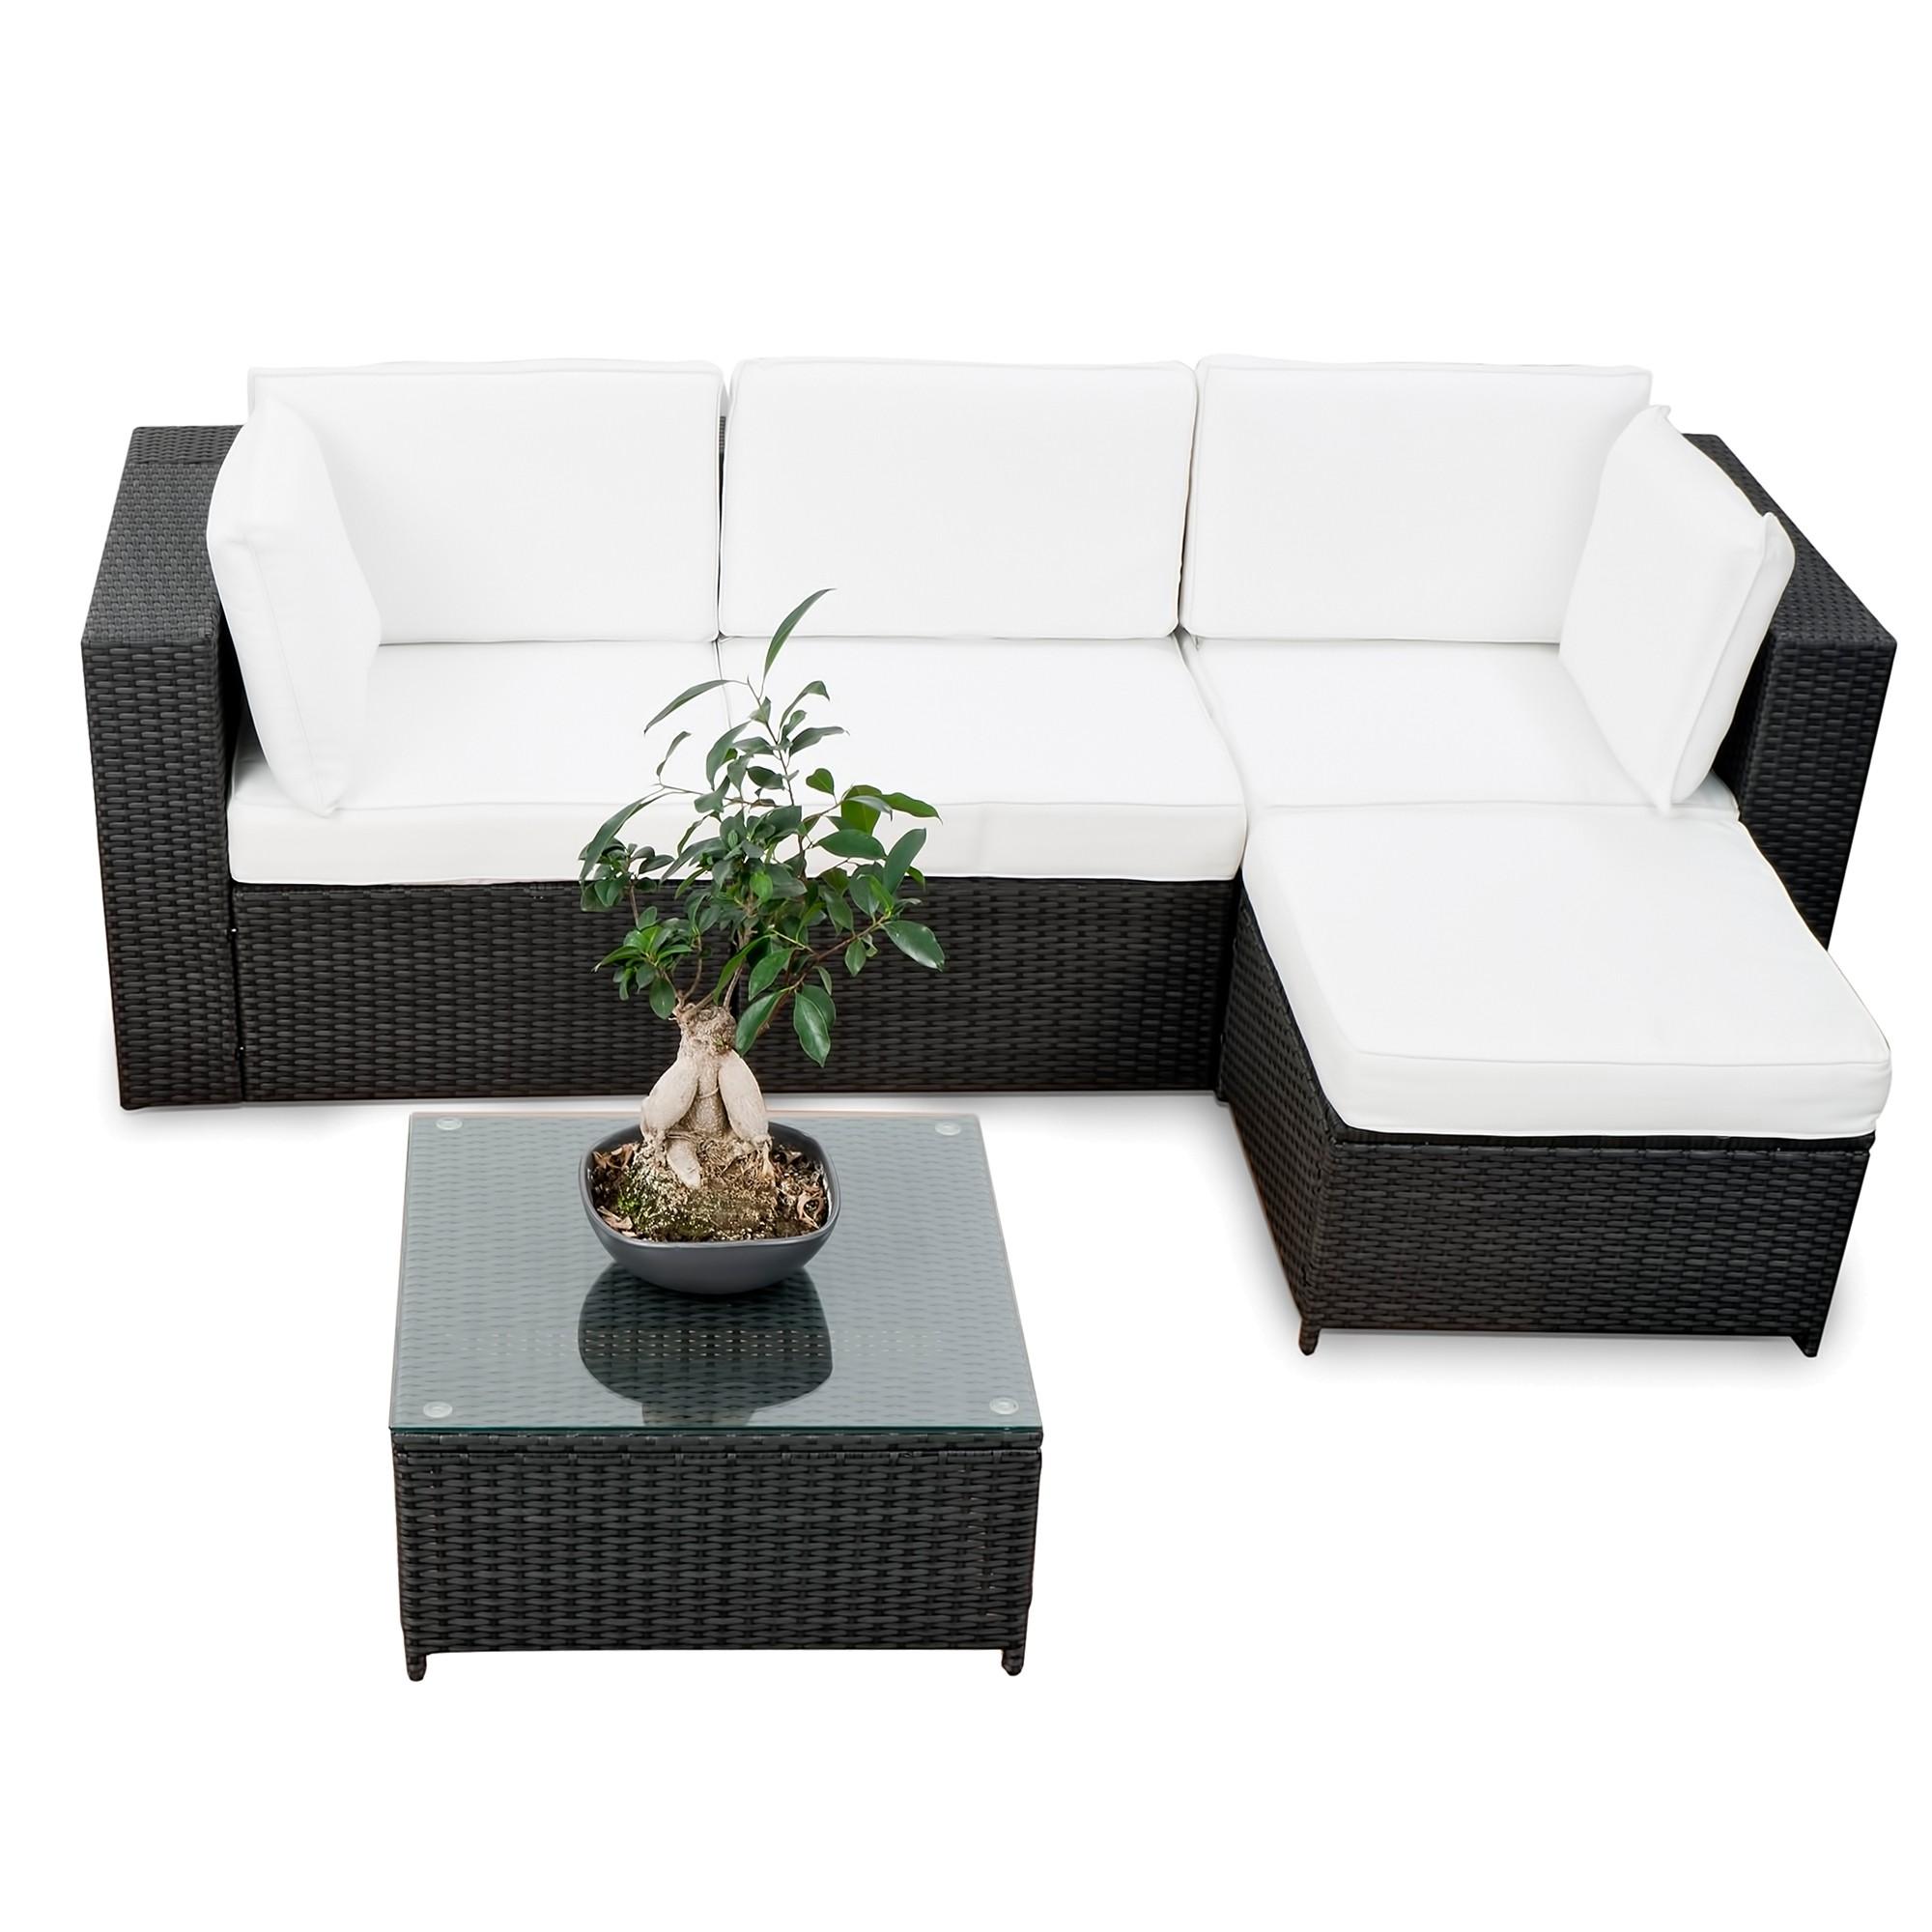 Garten Loungemöbel Günstig Kaufen : loungem bel balkon g nstig balkon loungem bel kaufen ~ Bigdaddyawards.com Haus und Dekorationen